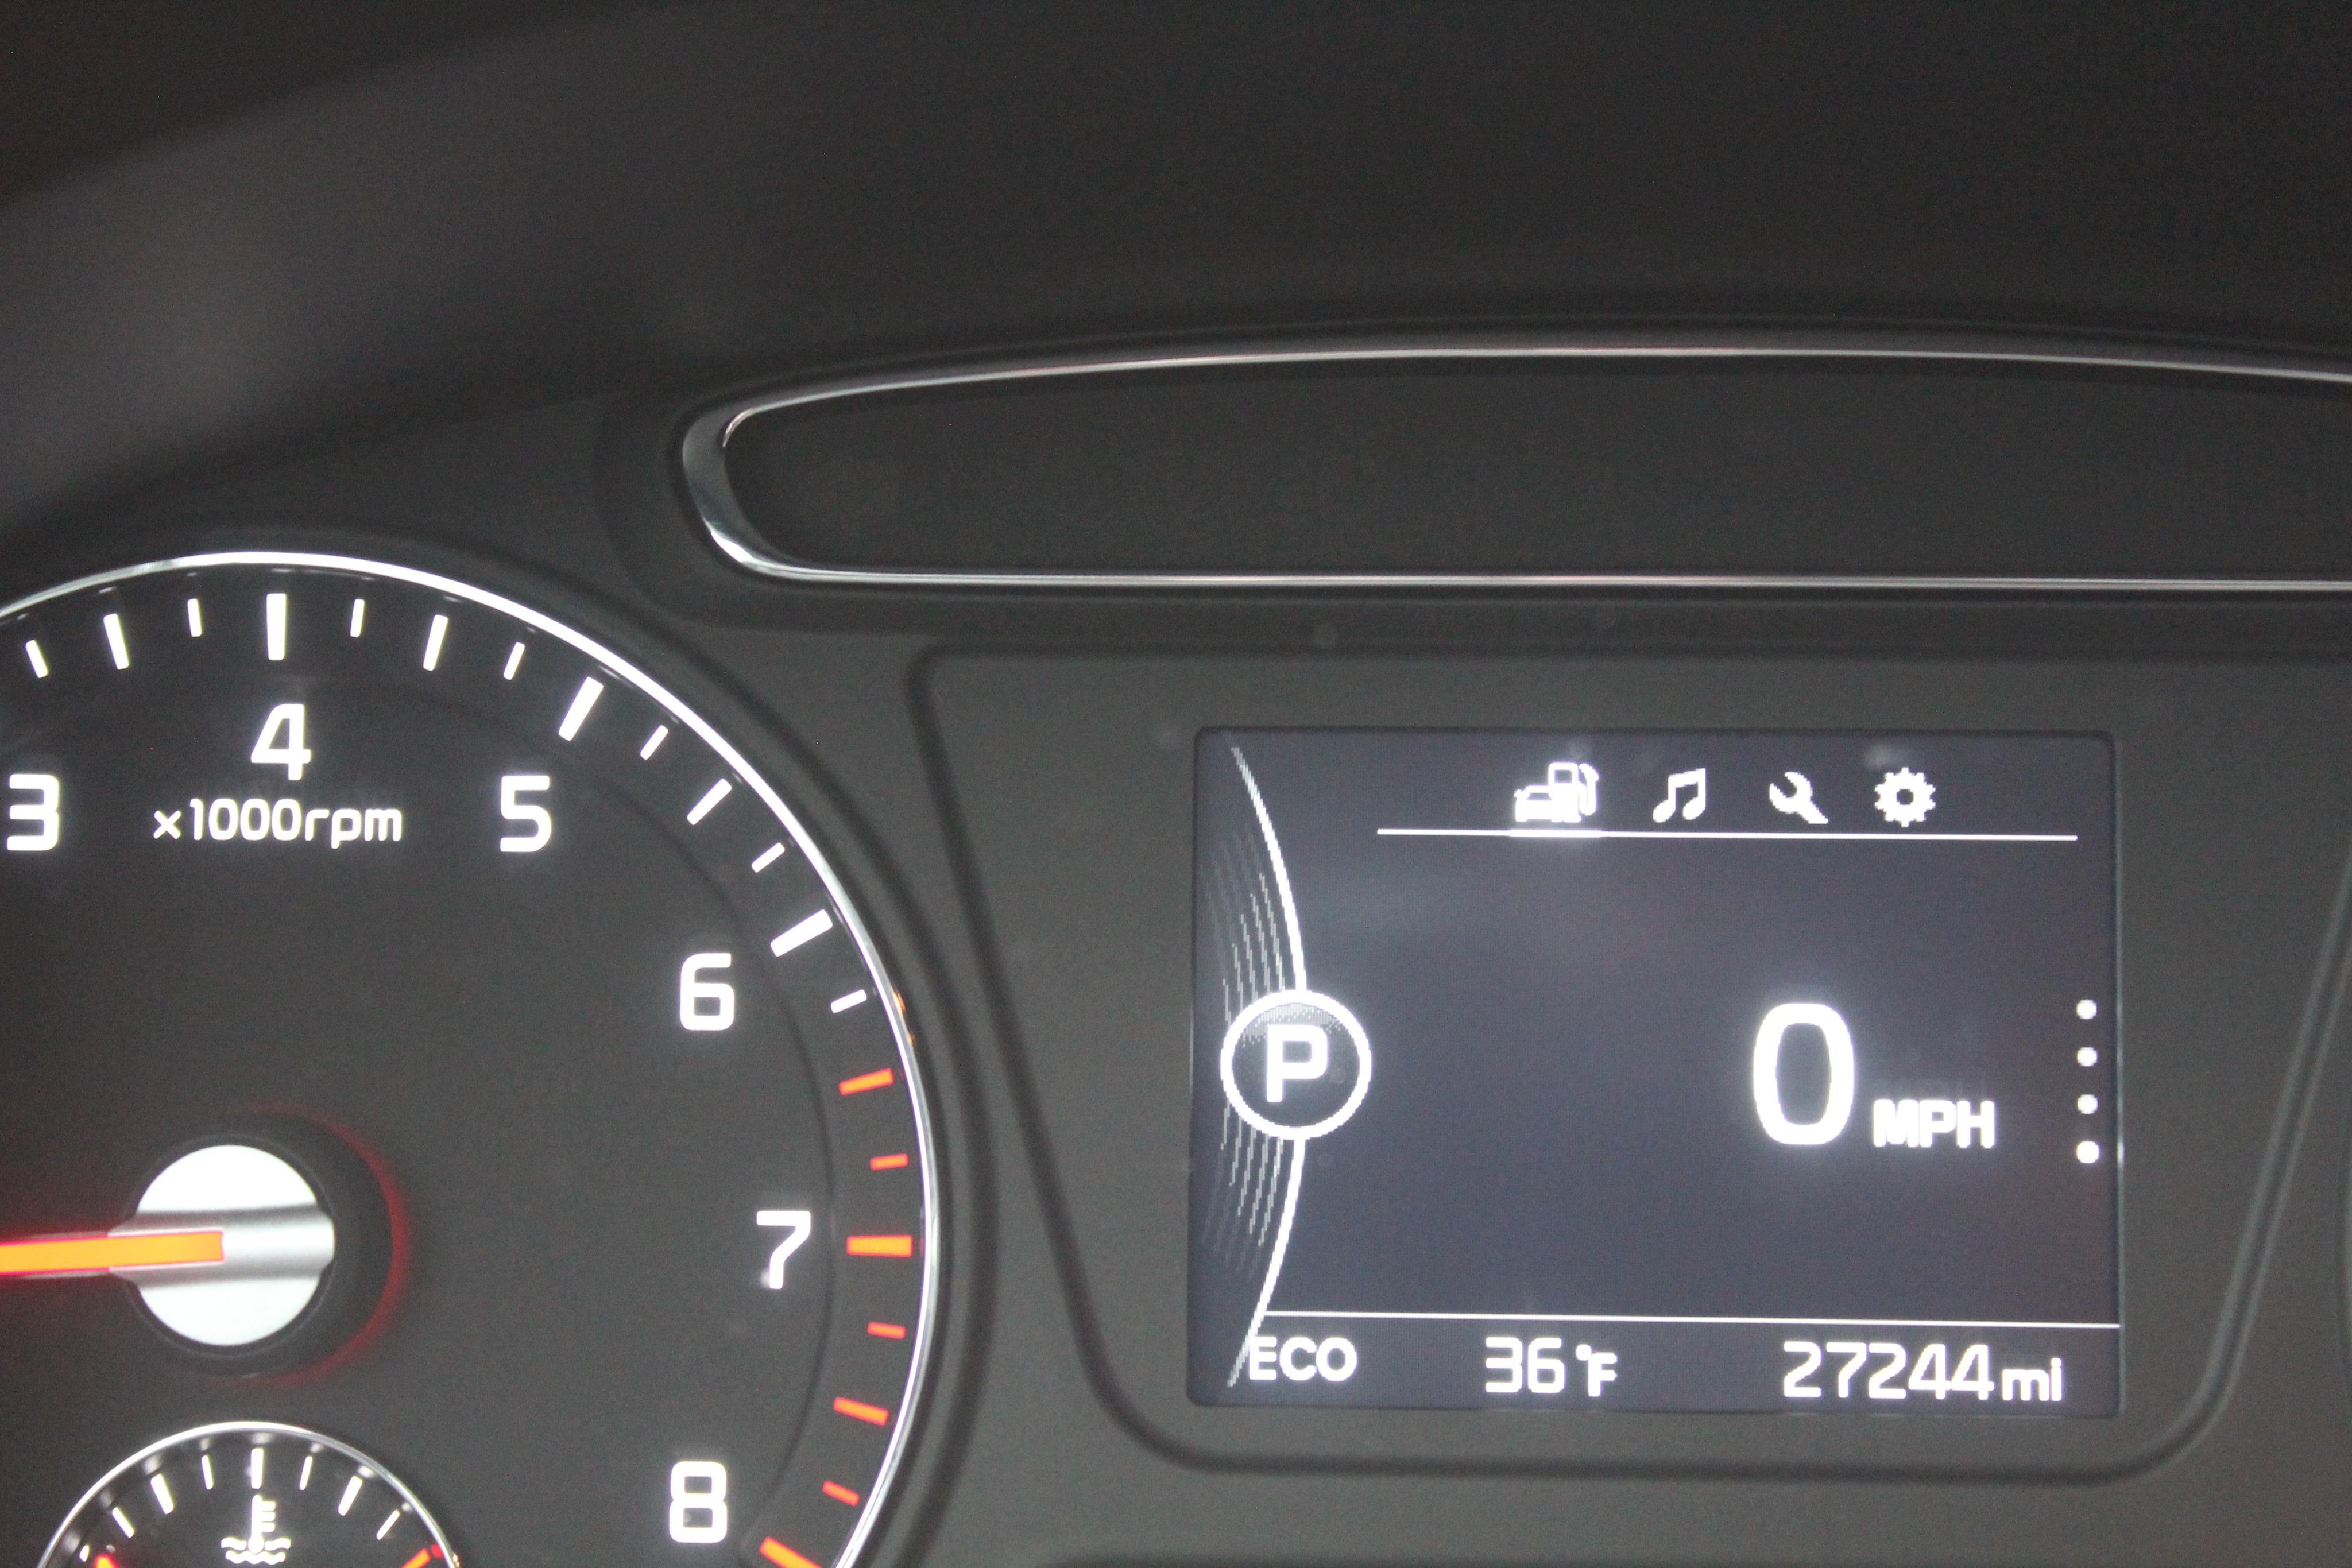 2017 Kia Sorento Wagon 4 Dr.